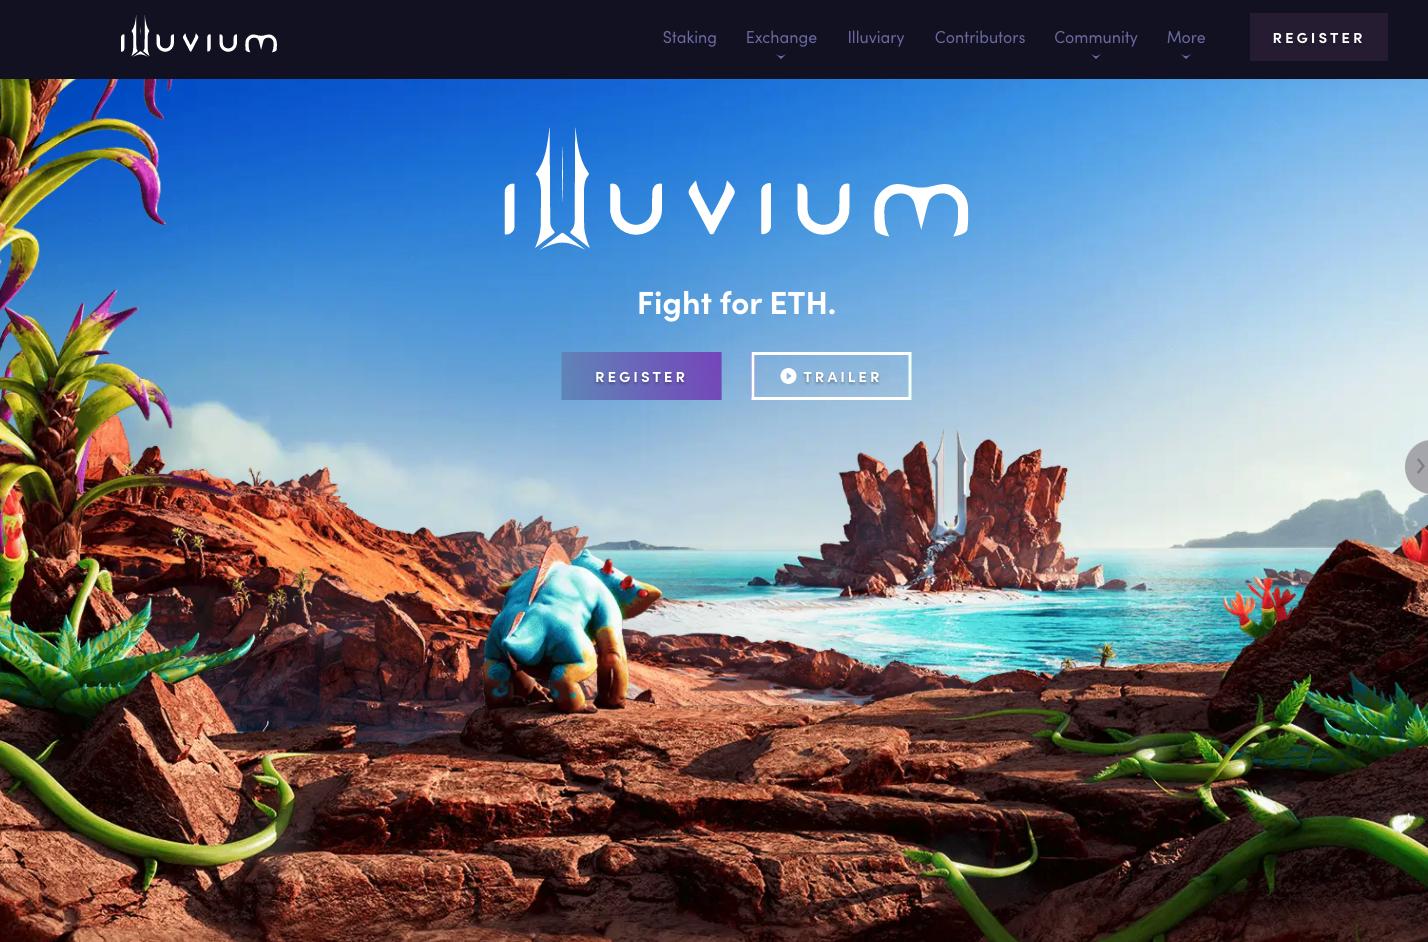 Best upcoming NFT games - Illuvium